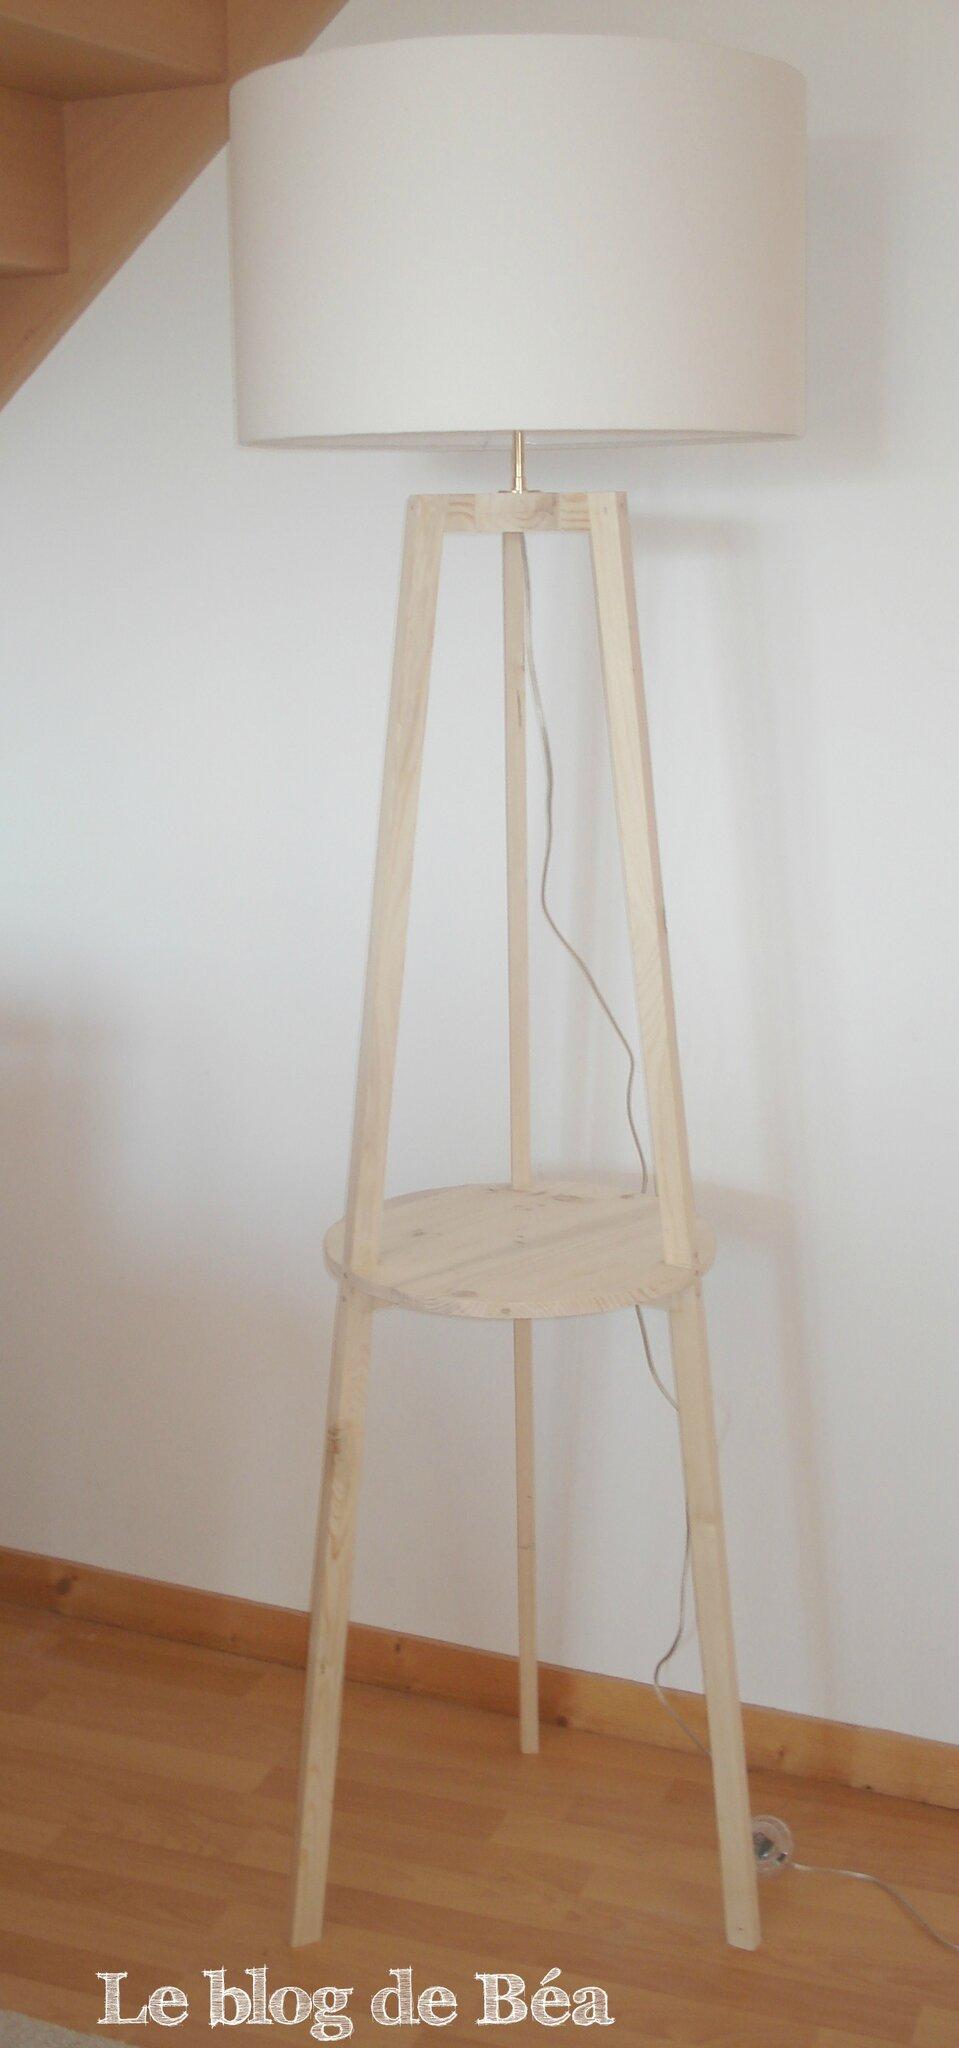 lampadaire tripode fabriqu en bois de palette photo de 1 meubles en bois de palette le. Black Bedroom Furniture Sets. Home Design Ideas